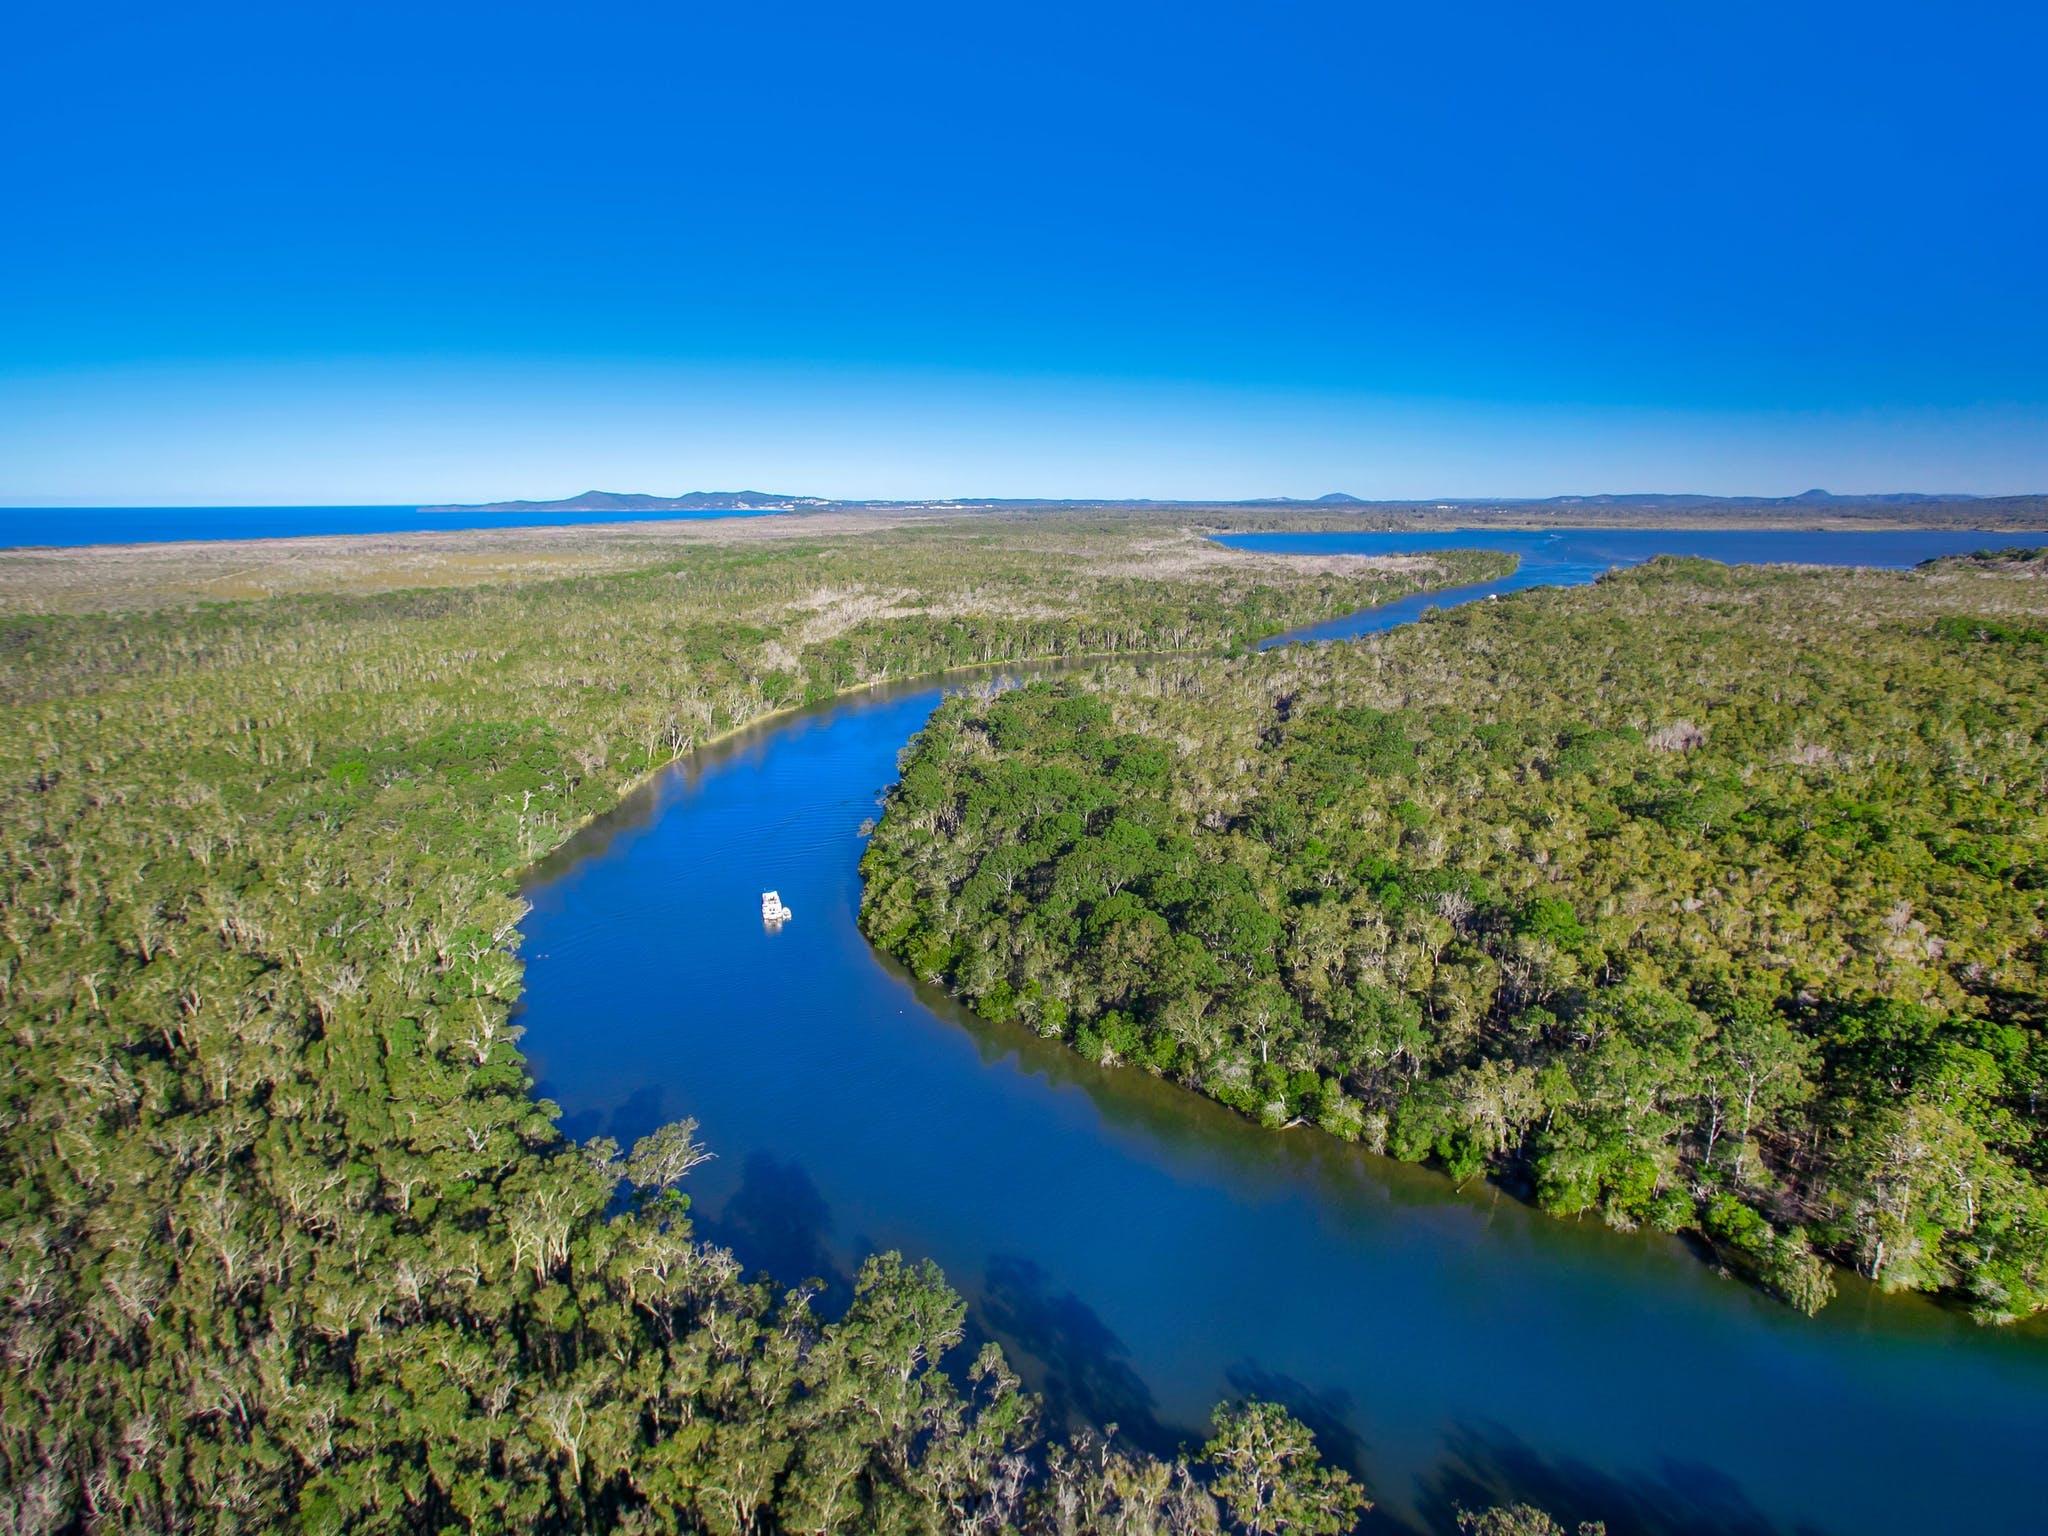 Noosa Everglades Queensland Australien